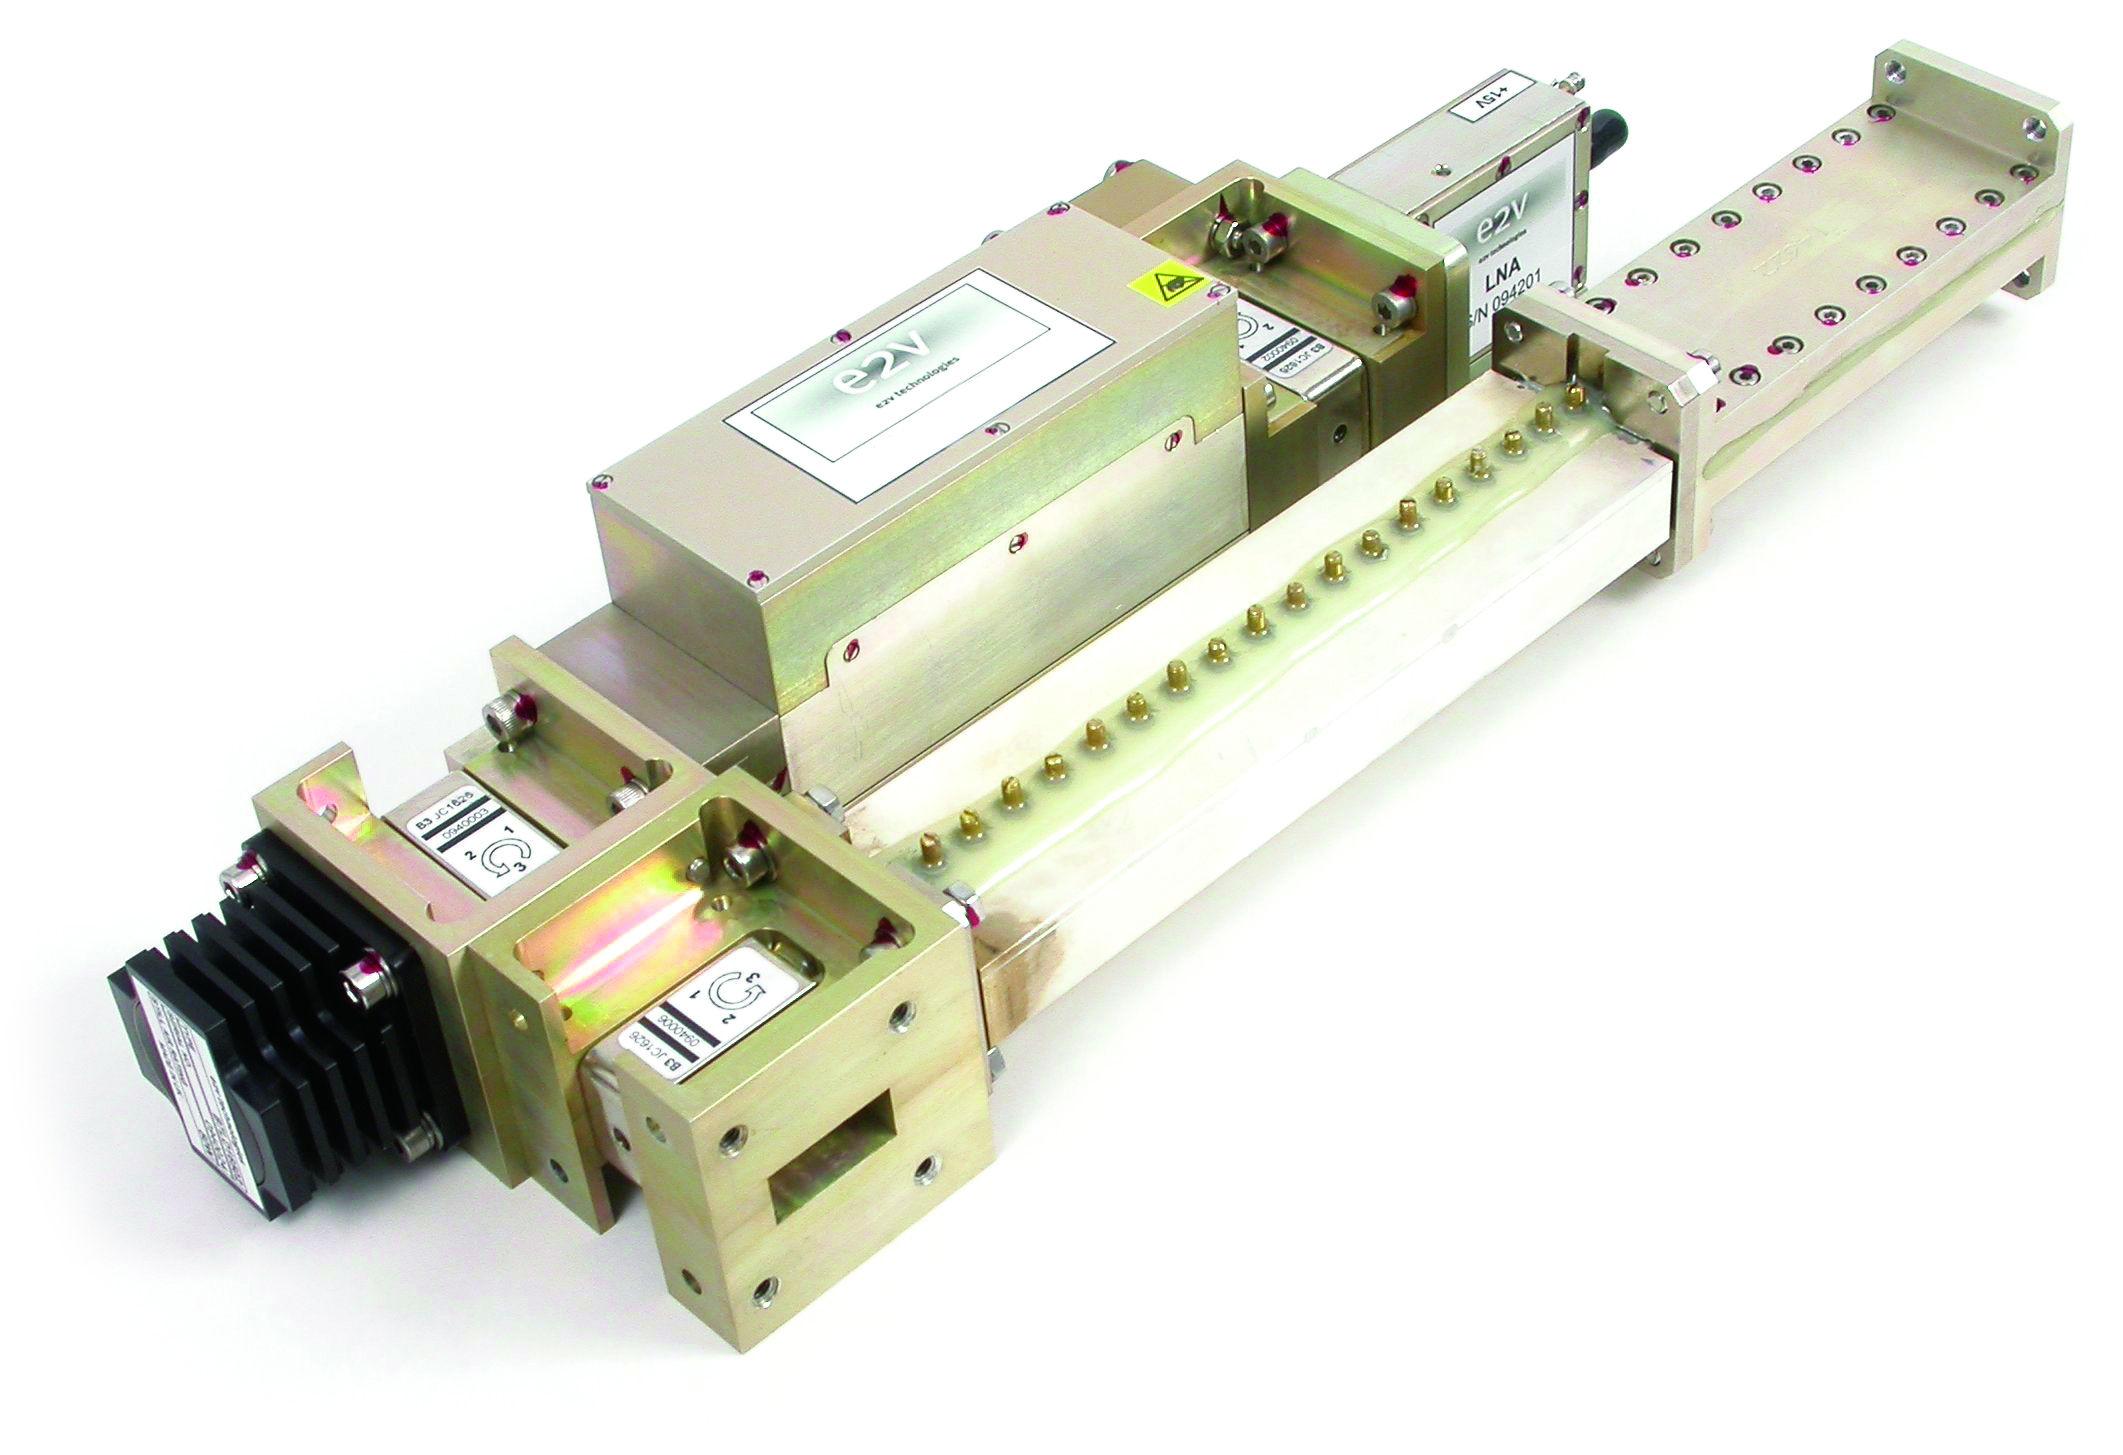 TWT マグネトロン 電子管 マイクロ波・ミリ波 高出力対応電子部品